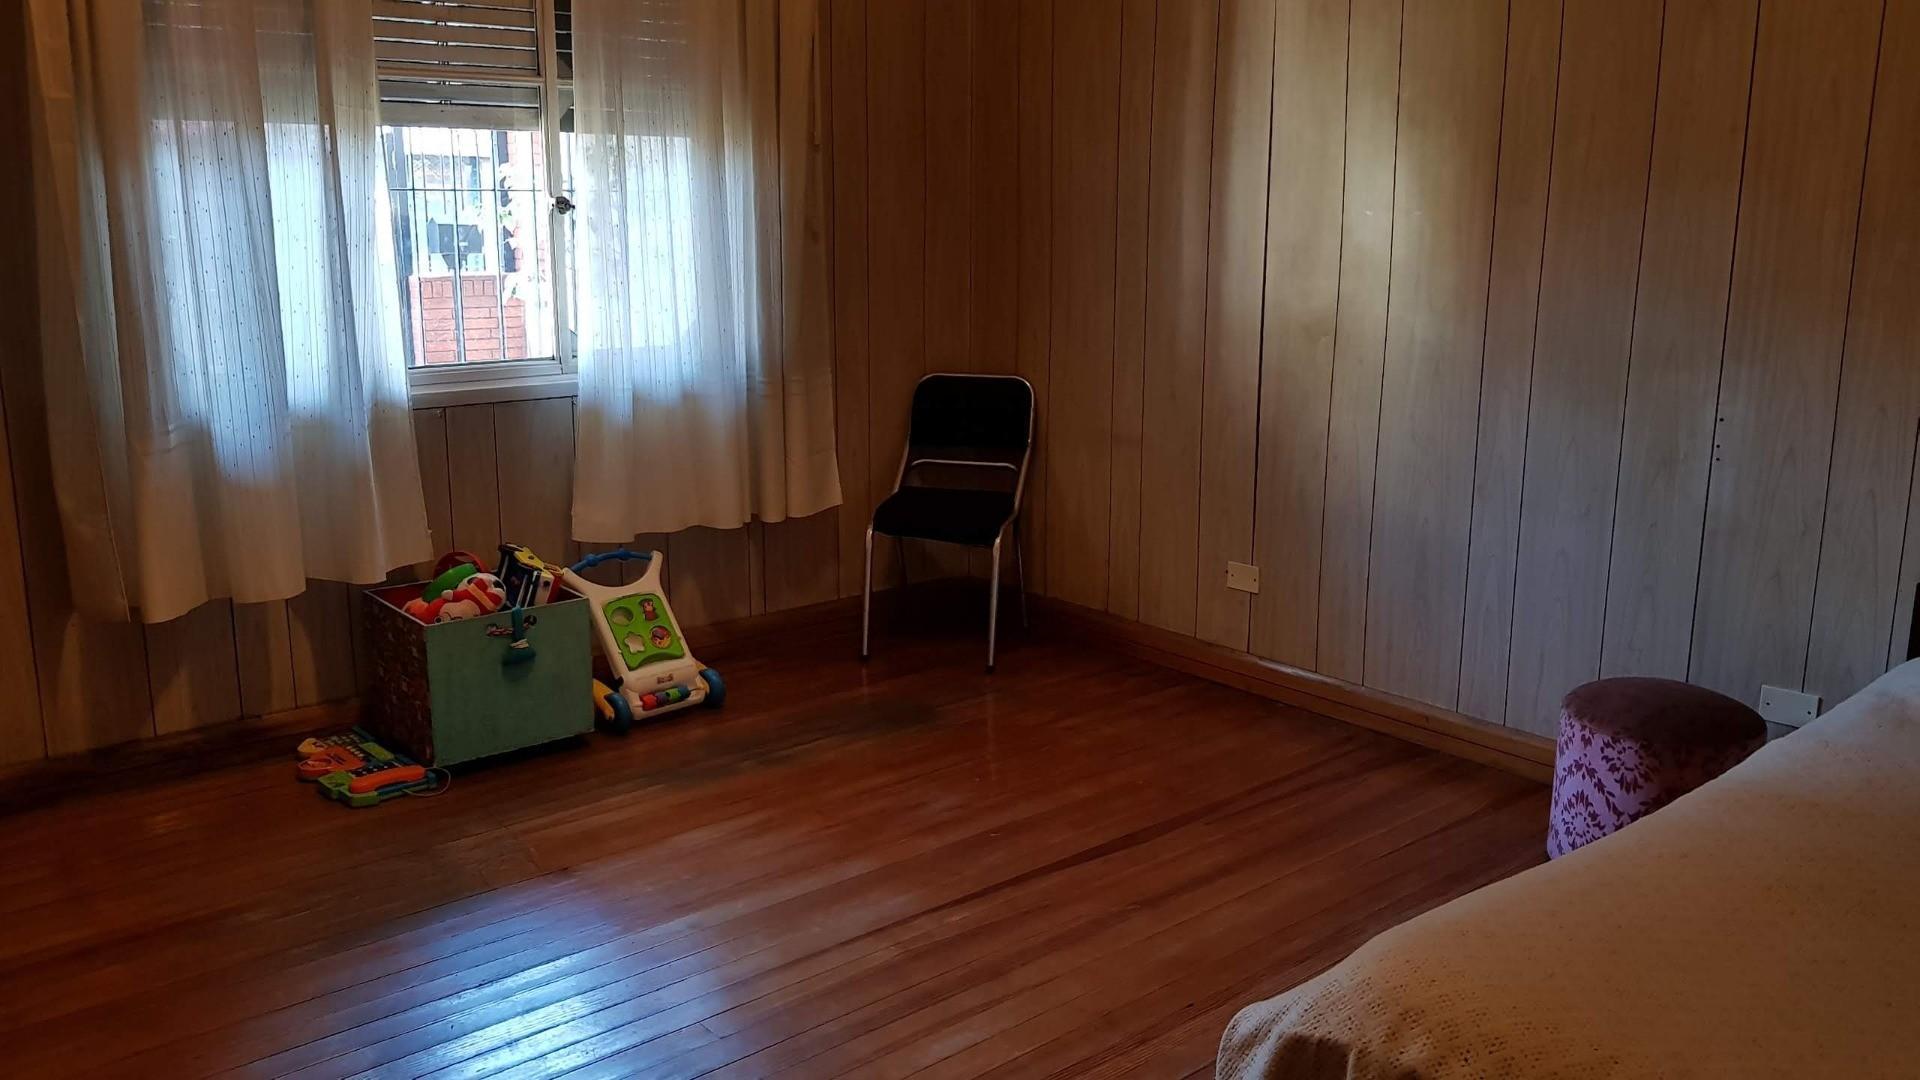 Avenida Mitre 4200 - 5 ambientes